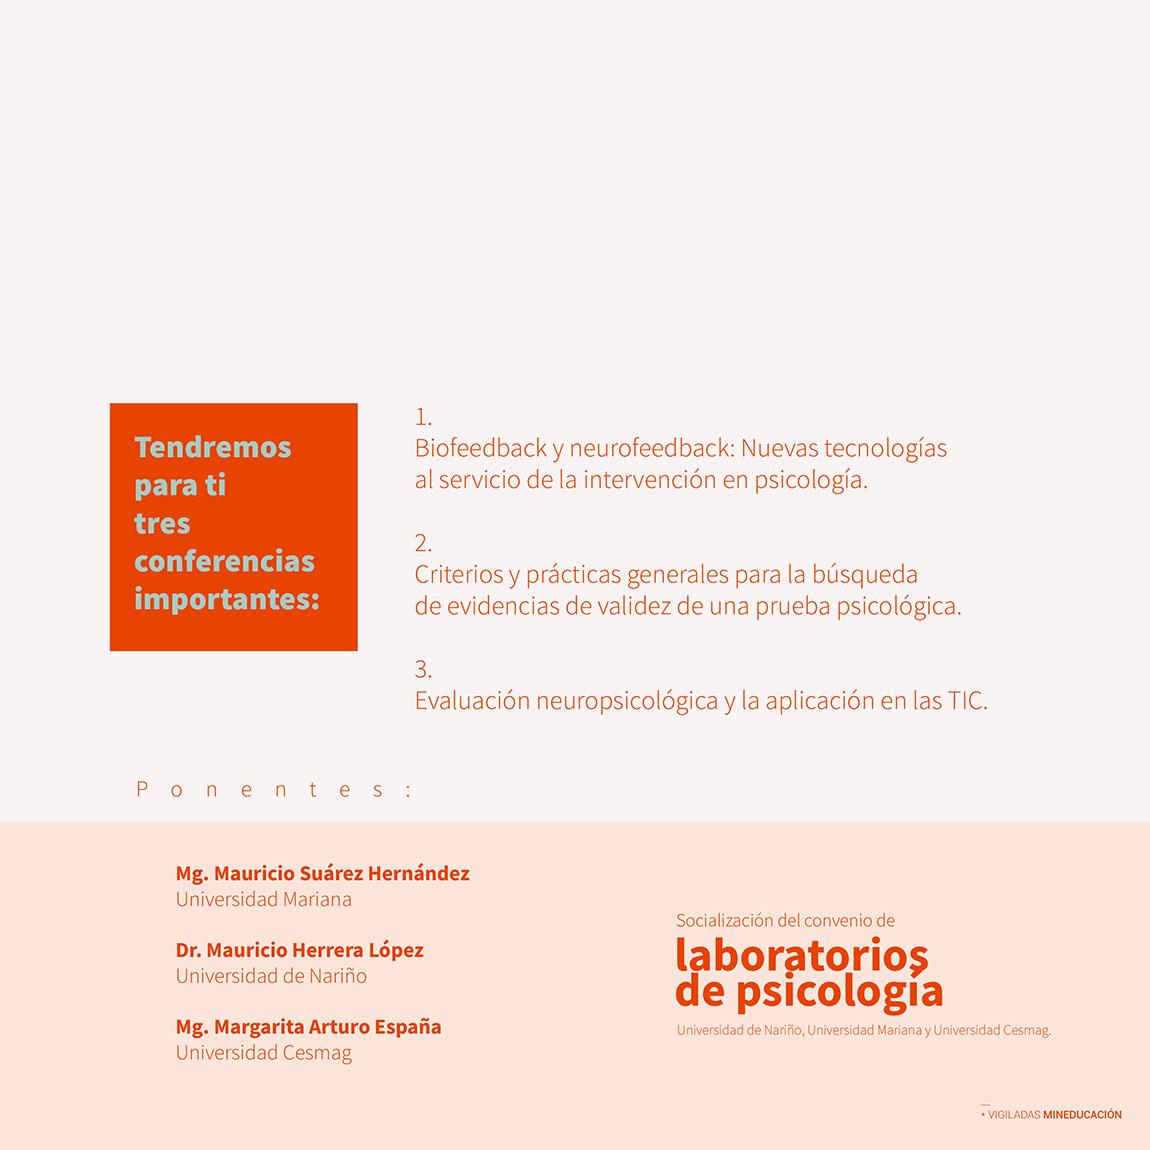 Encuentro-laboratorios-psicologia-2